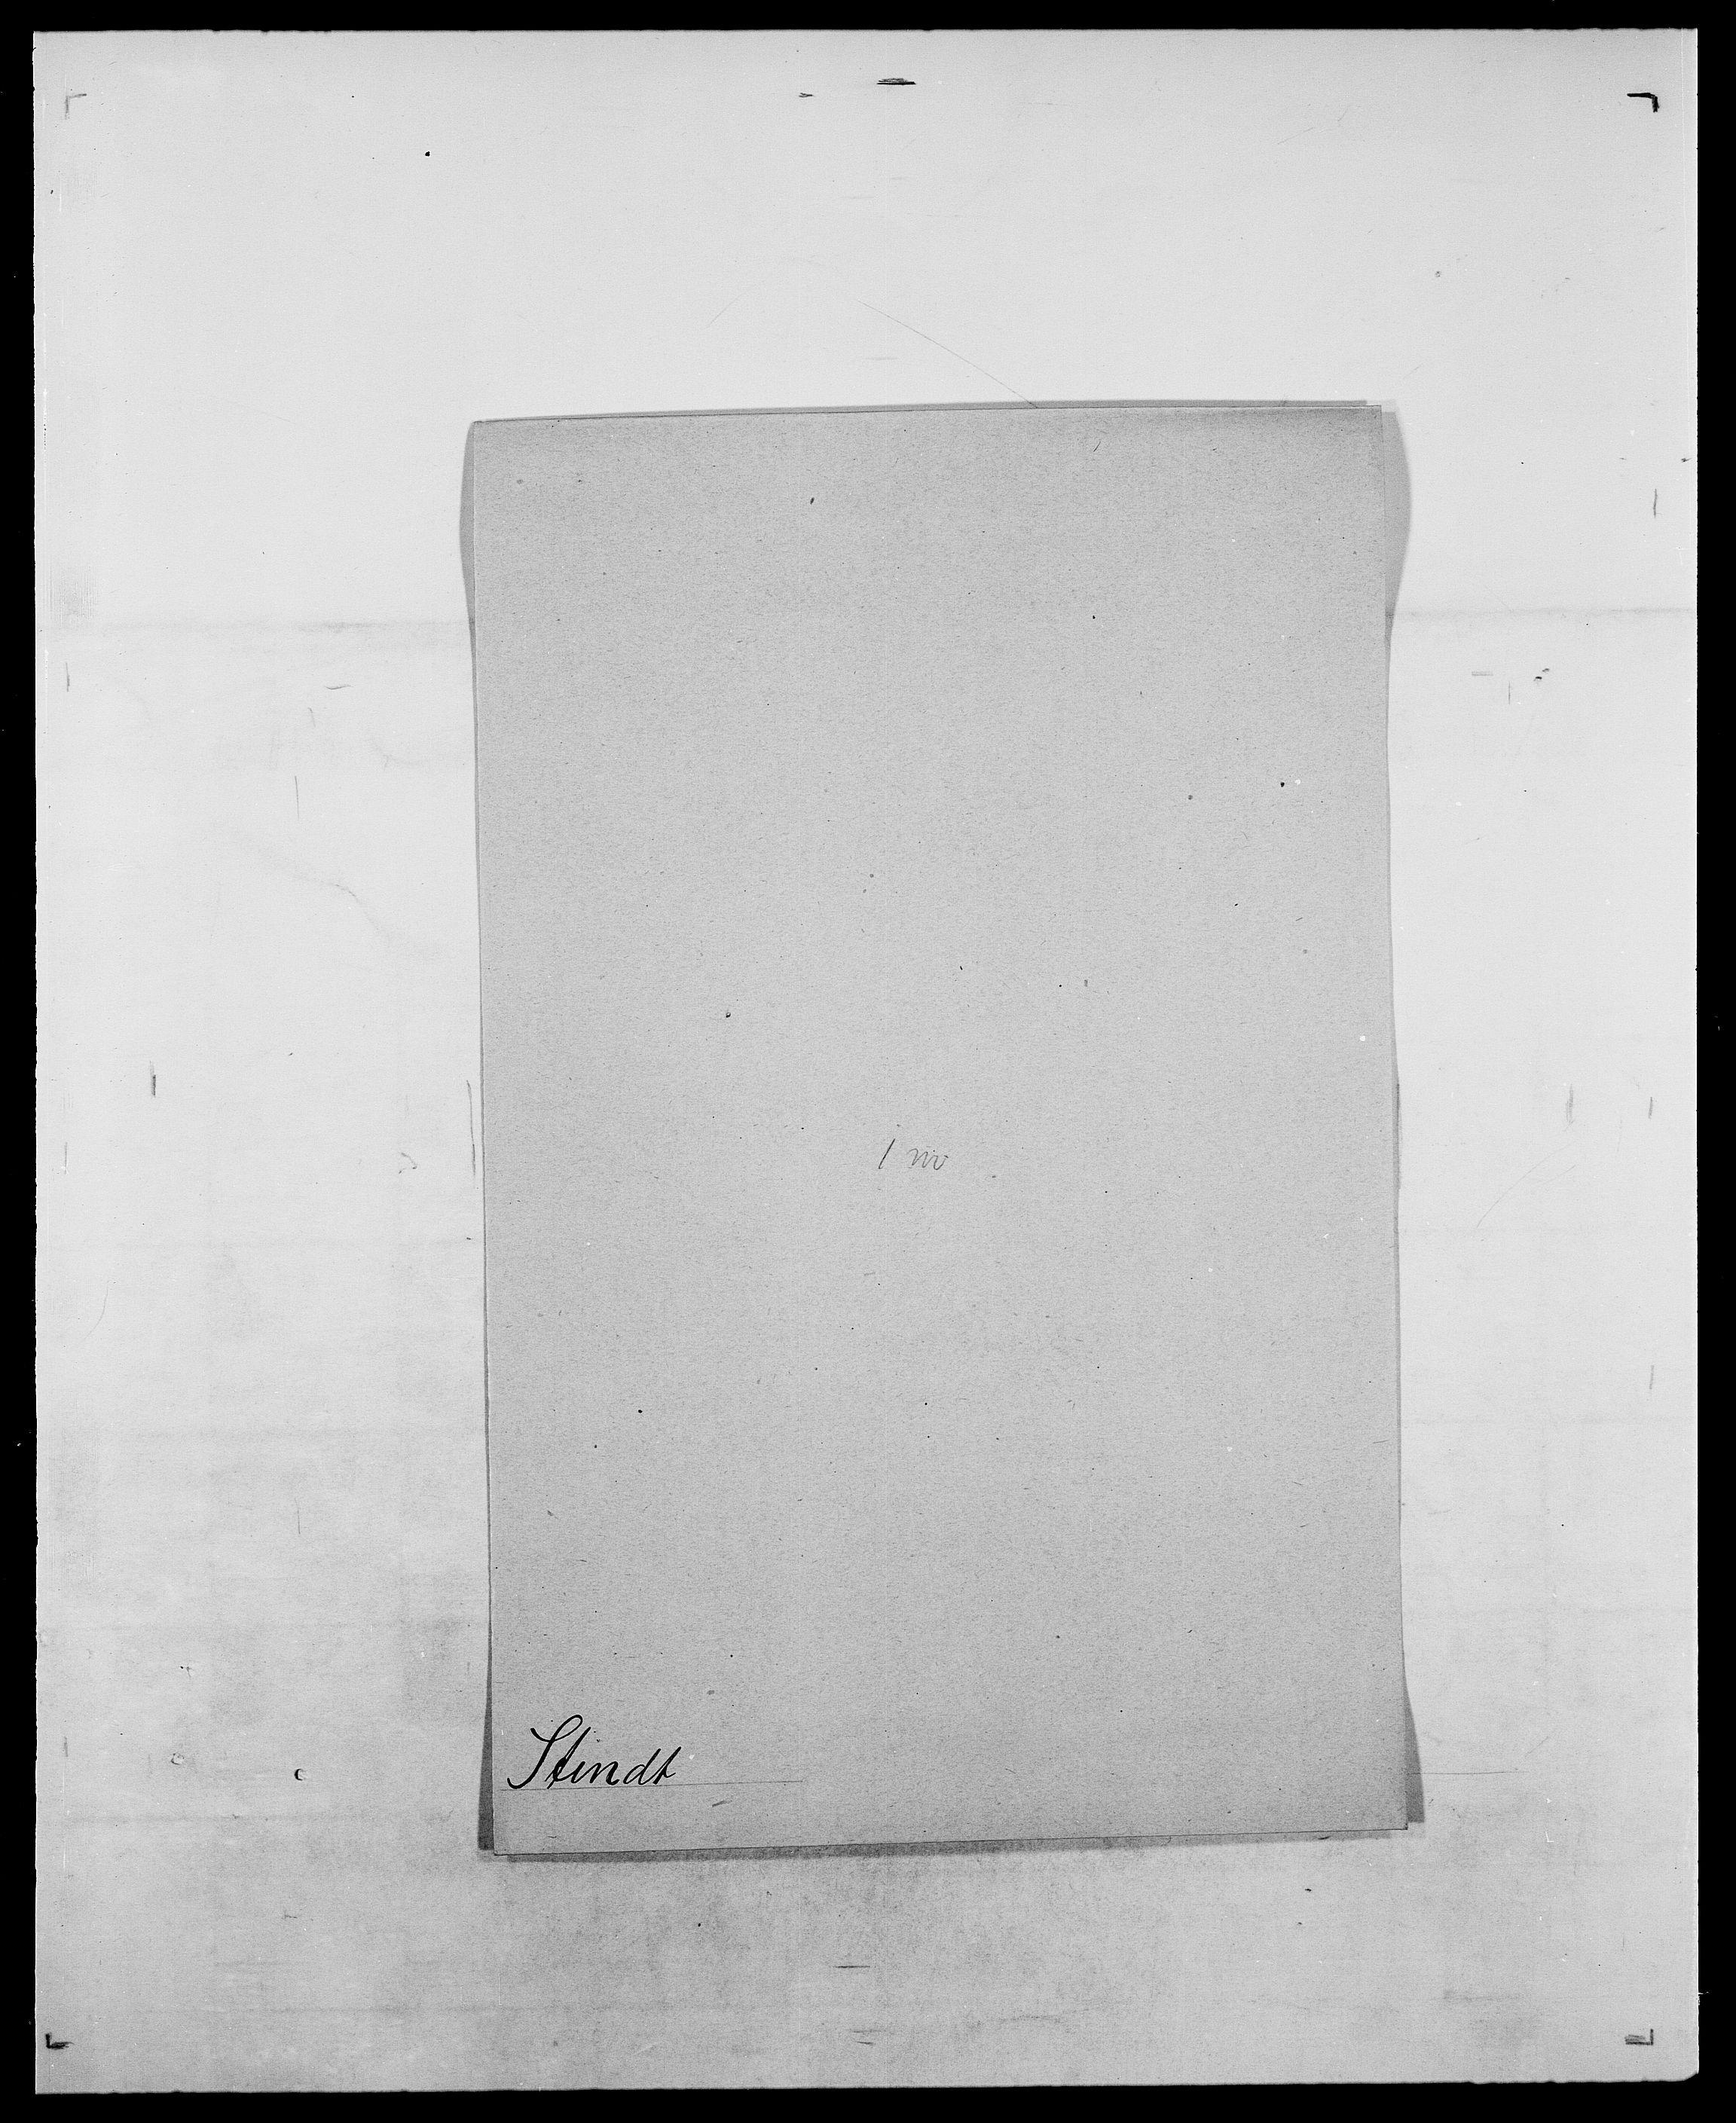 SAO, Delgobe, Charles Antoine - samling, D/Da/L0037: Steen, Sthen, Stein - Svare, Svanige, Svanne, se også Svanning og Schwane, s. 394